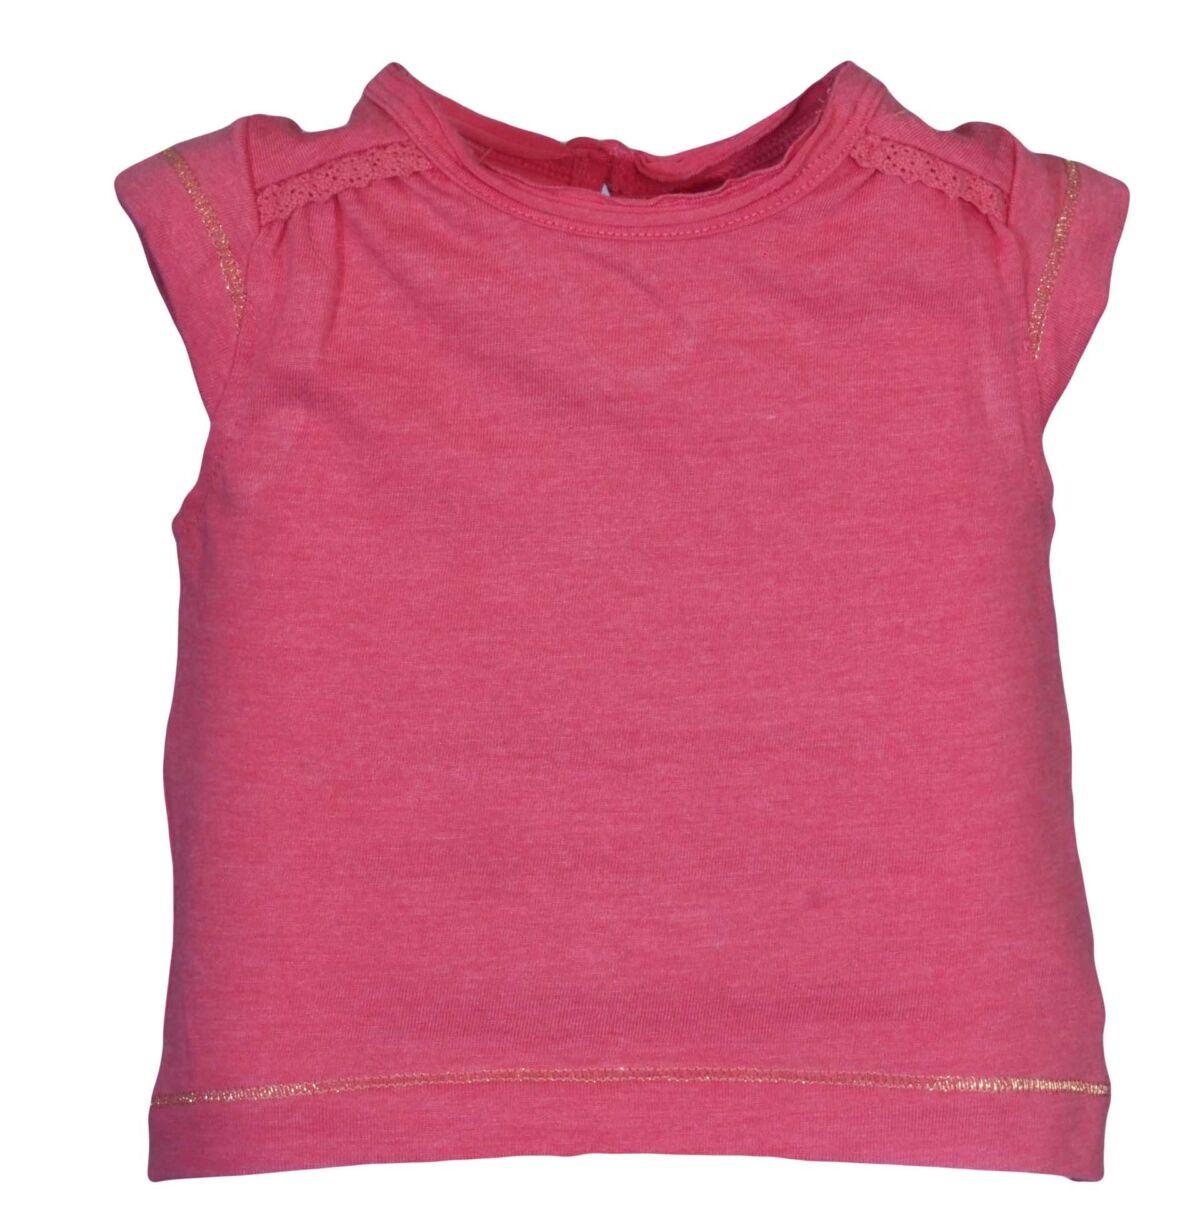 Használt ruha Outlet gyerekruhák Koraszülötteknek b914c72685